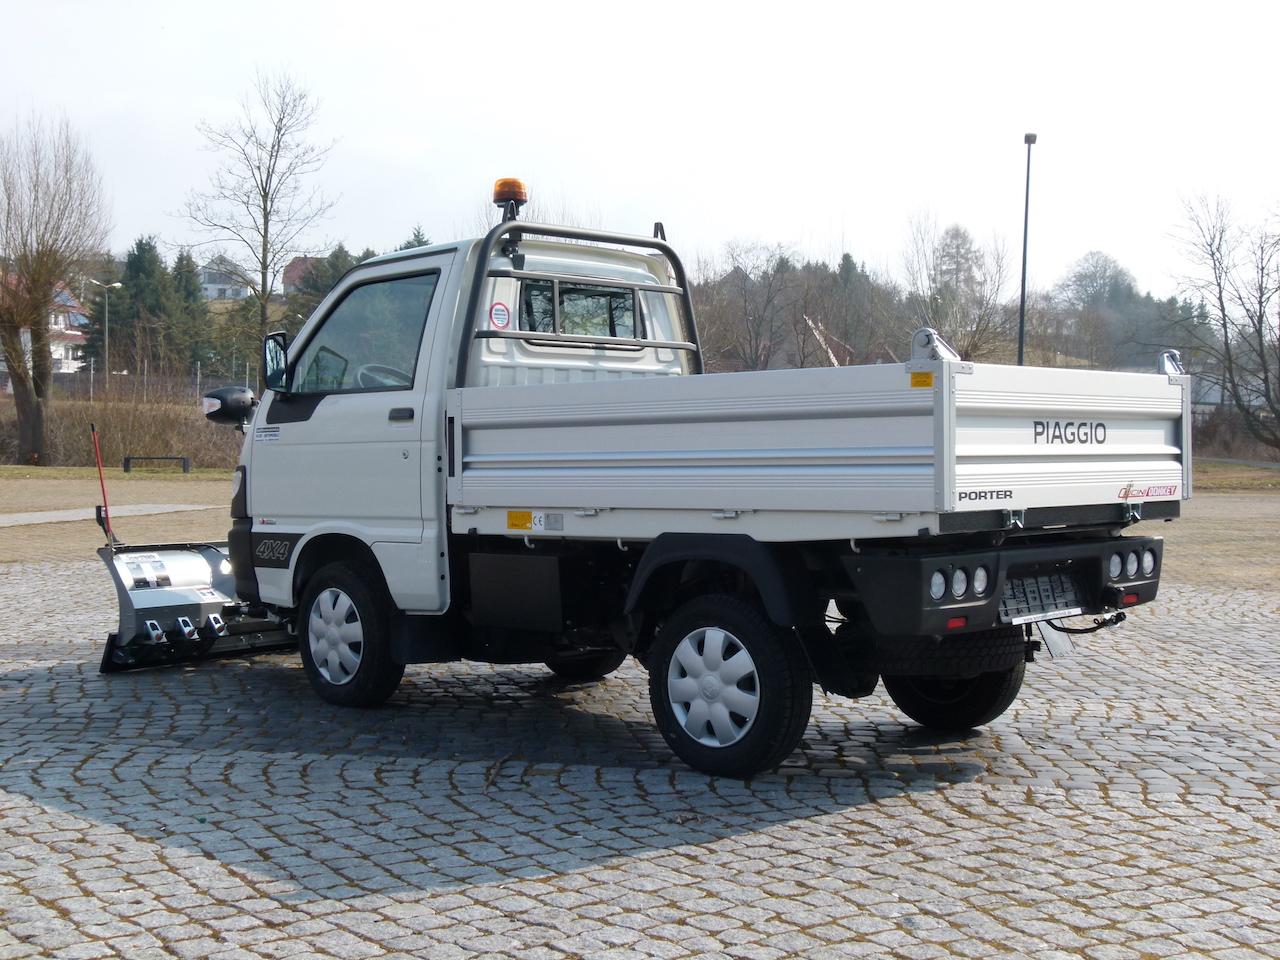 Winterdienstfahrzeuge_Piaggio_Porter_4x4_SnowStriker_Basic_Modell_2018_Hesse_Winterdiensttechnik11